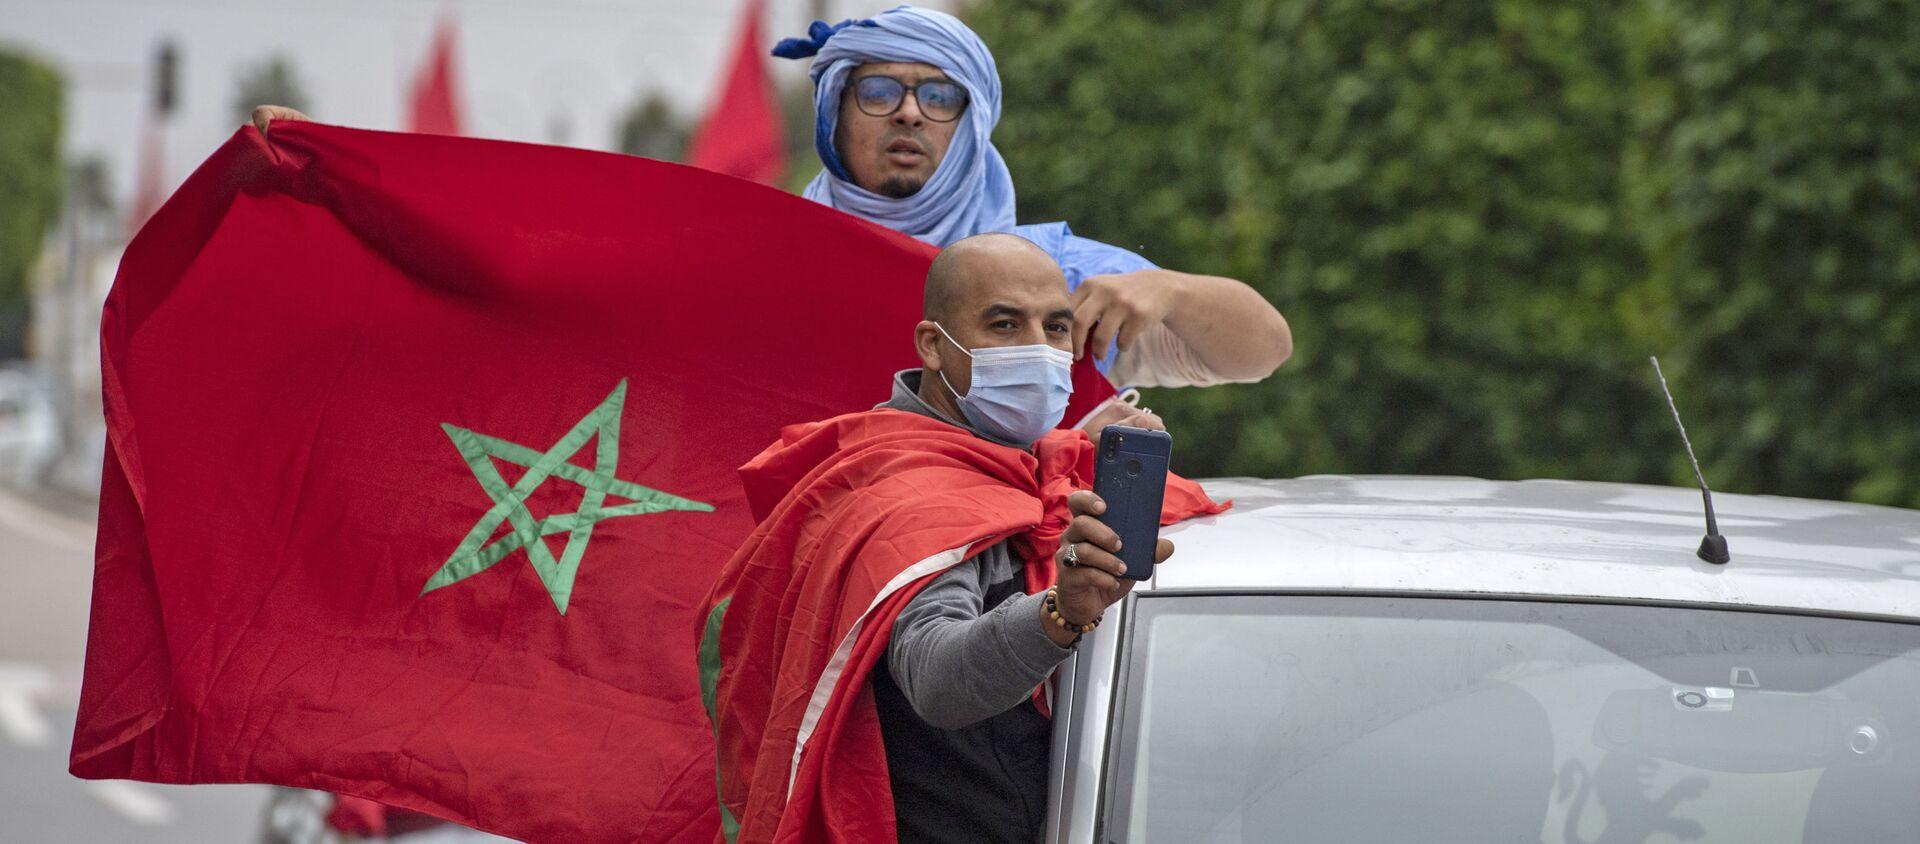 La gente con las banderas de Marrocco - Sputnik Mundo, 1920, 22.12.2020